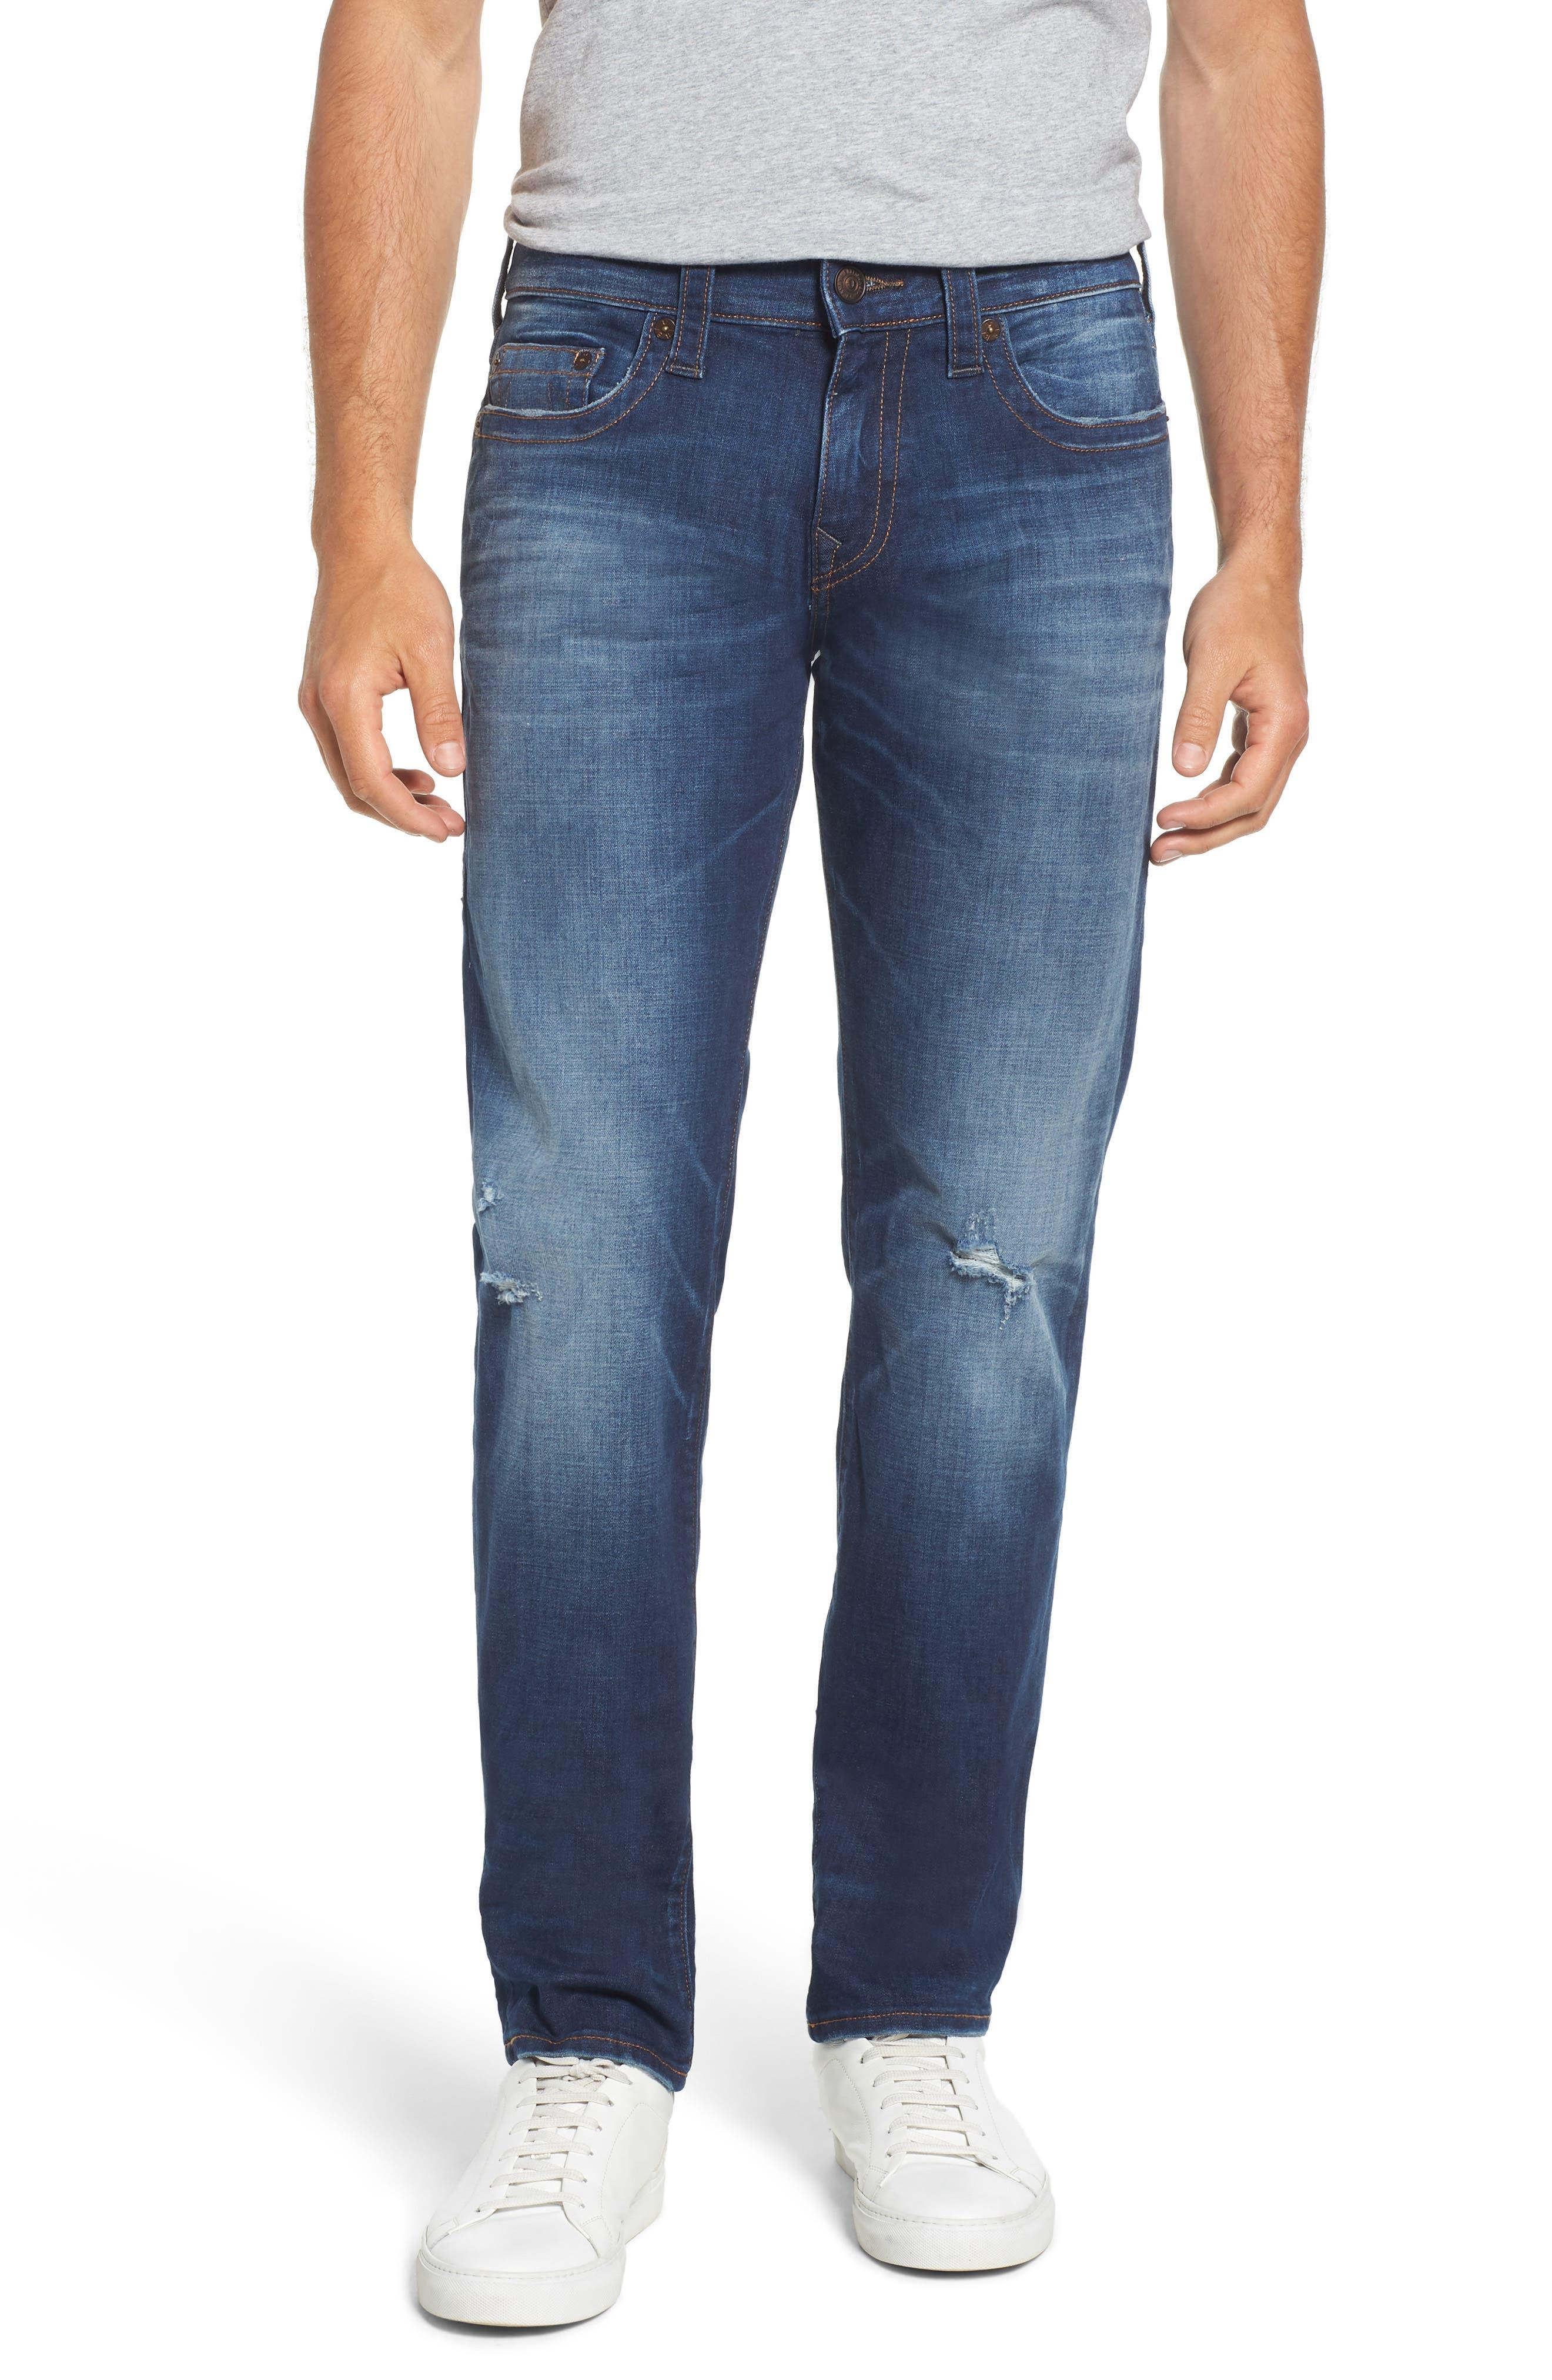 Geno Straight Leg Jeans,                         Main,                         color, Suspect